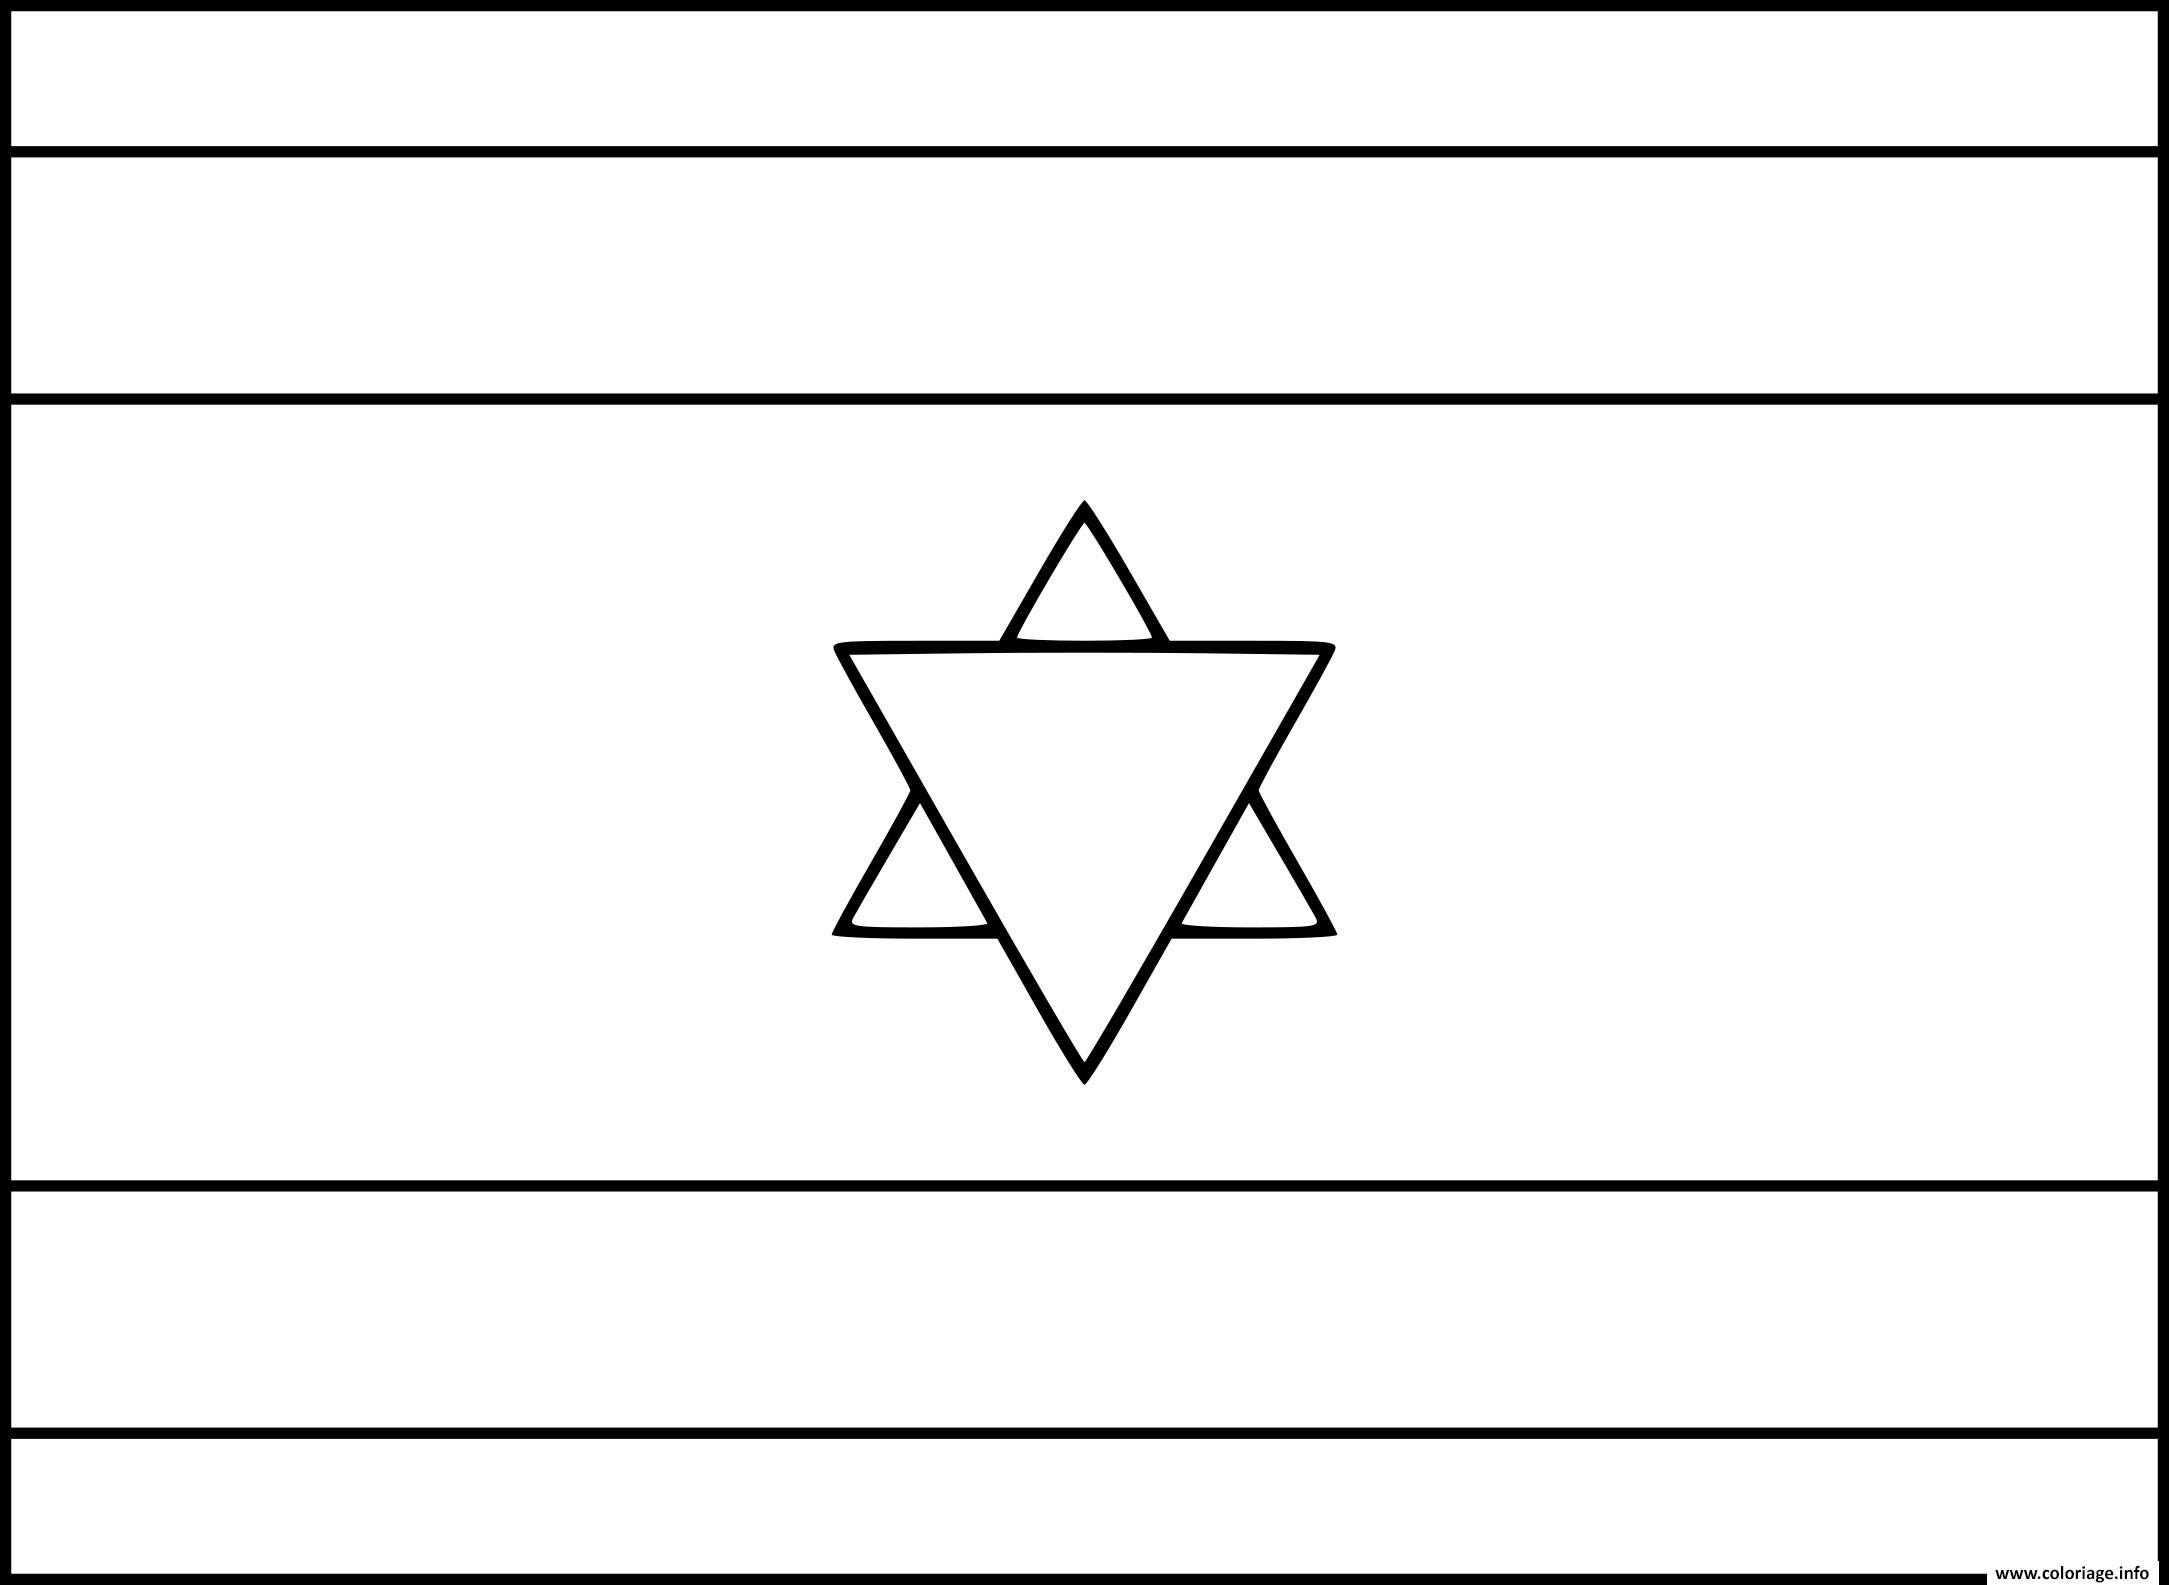 Dessin drapeau israel Coloriage Gratuit à Imprimer